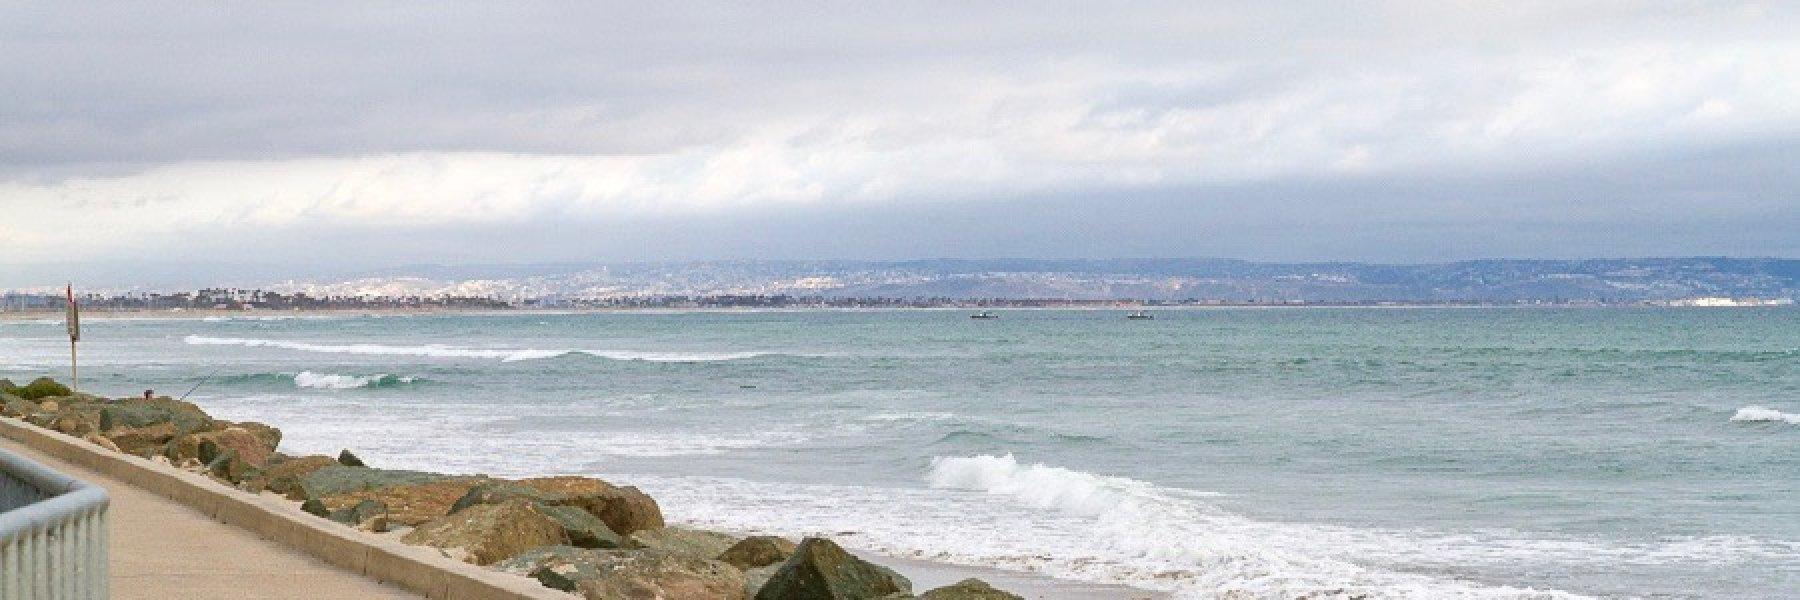 Coronado Shores Neighborhood in Coronado California